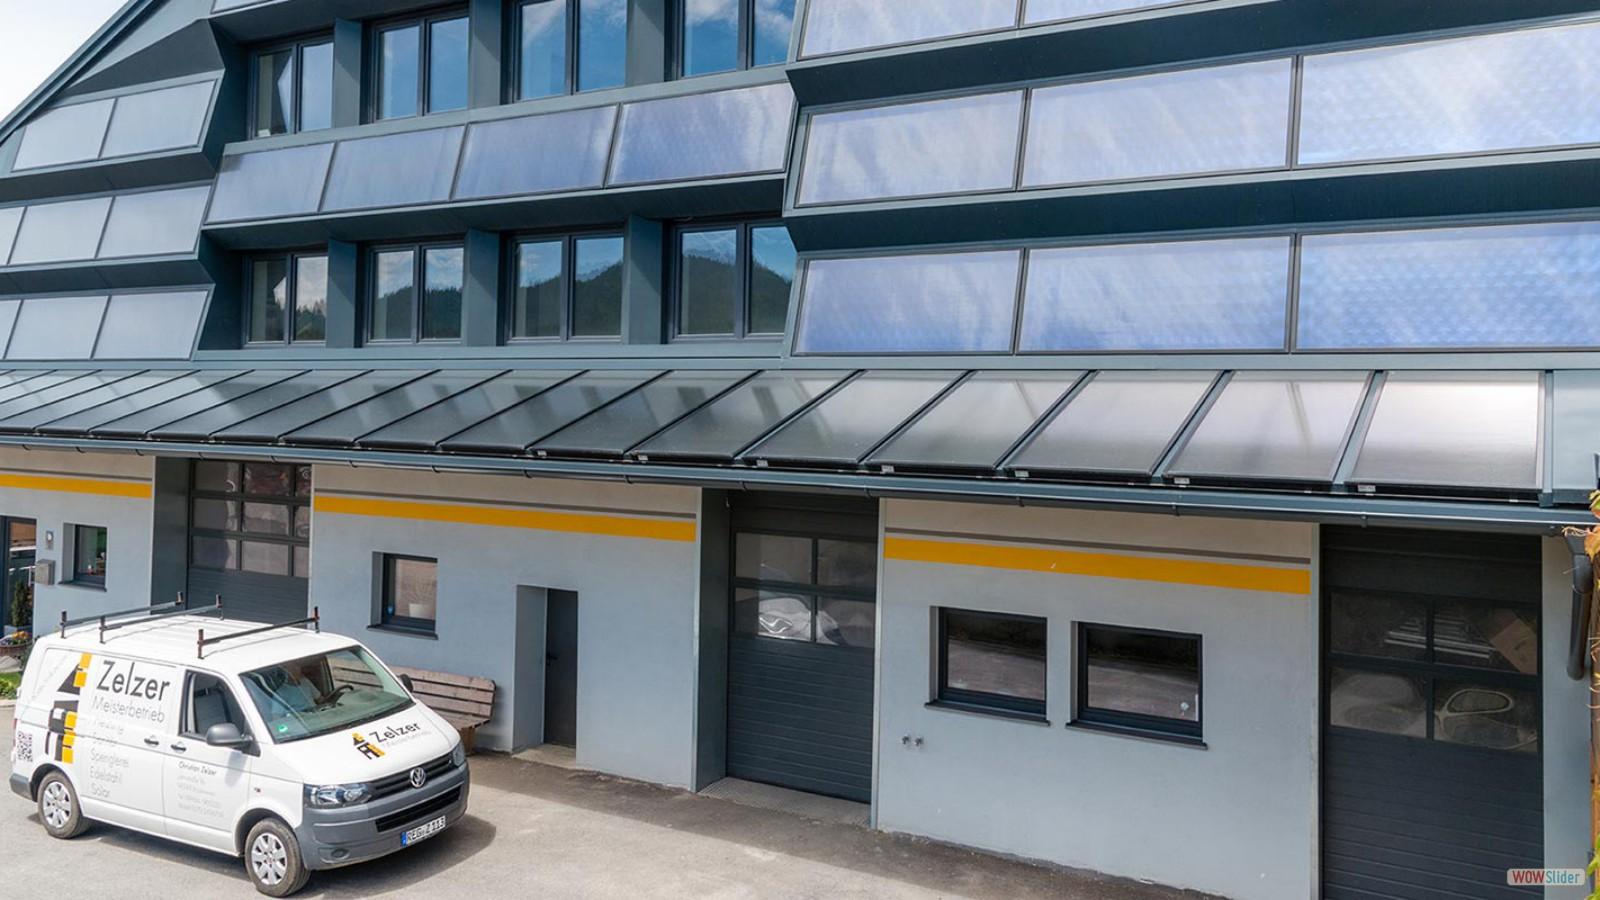 Solartechnik in Bodenmais